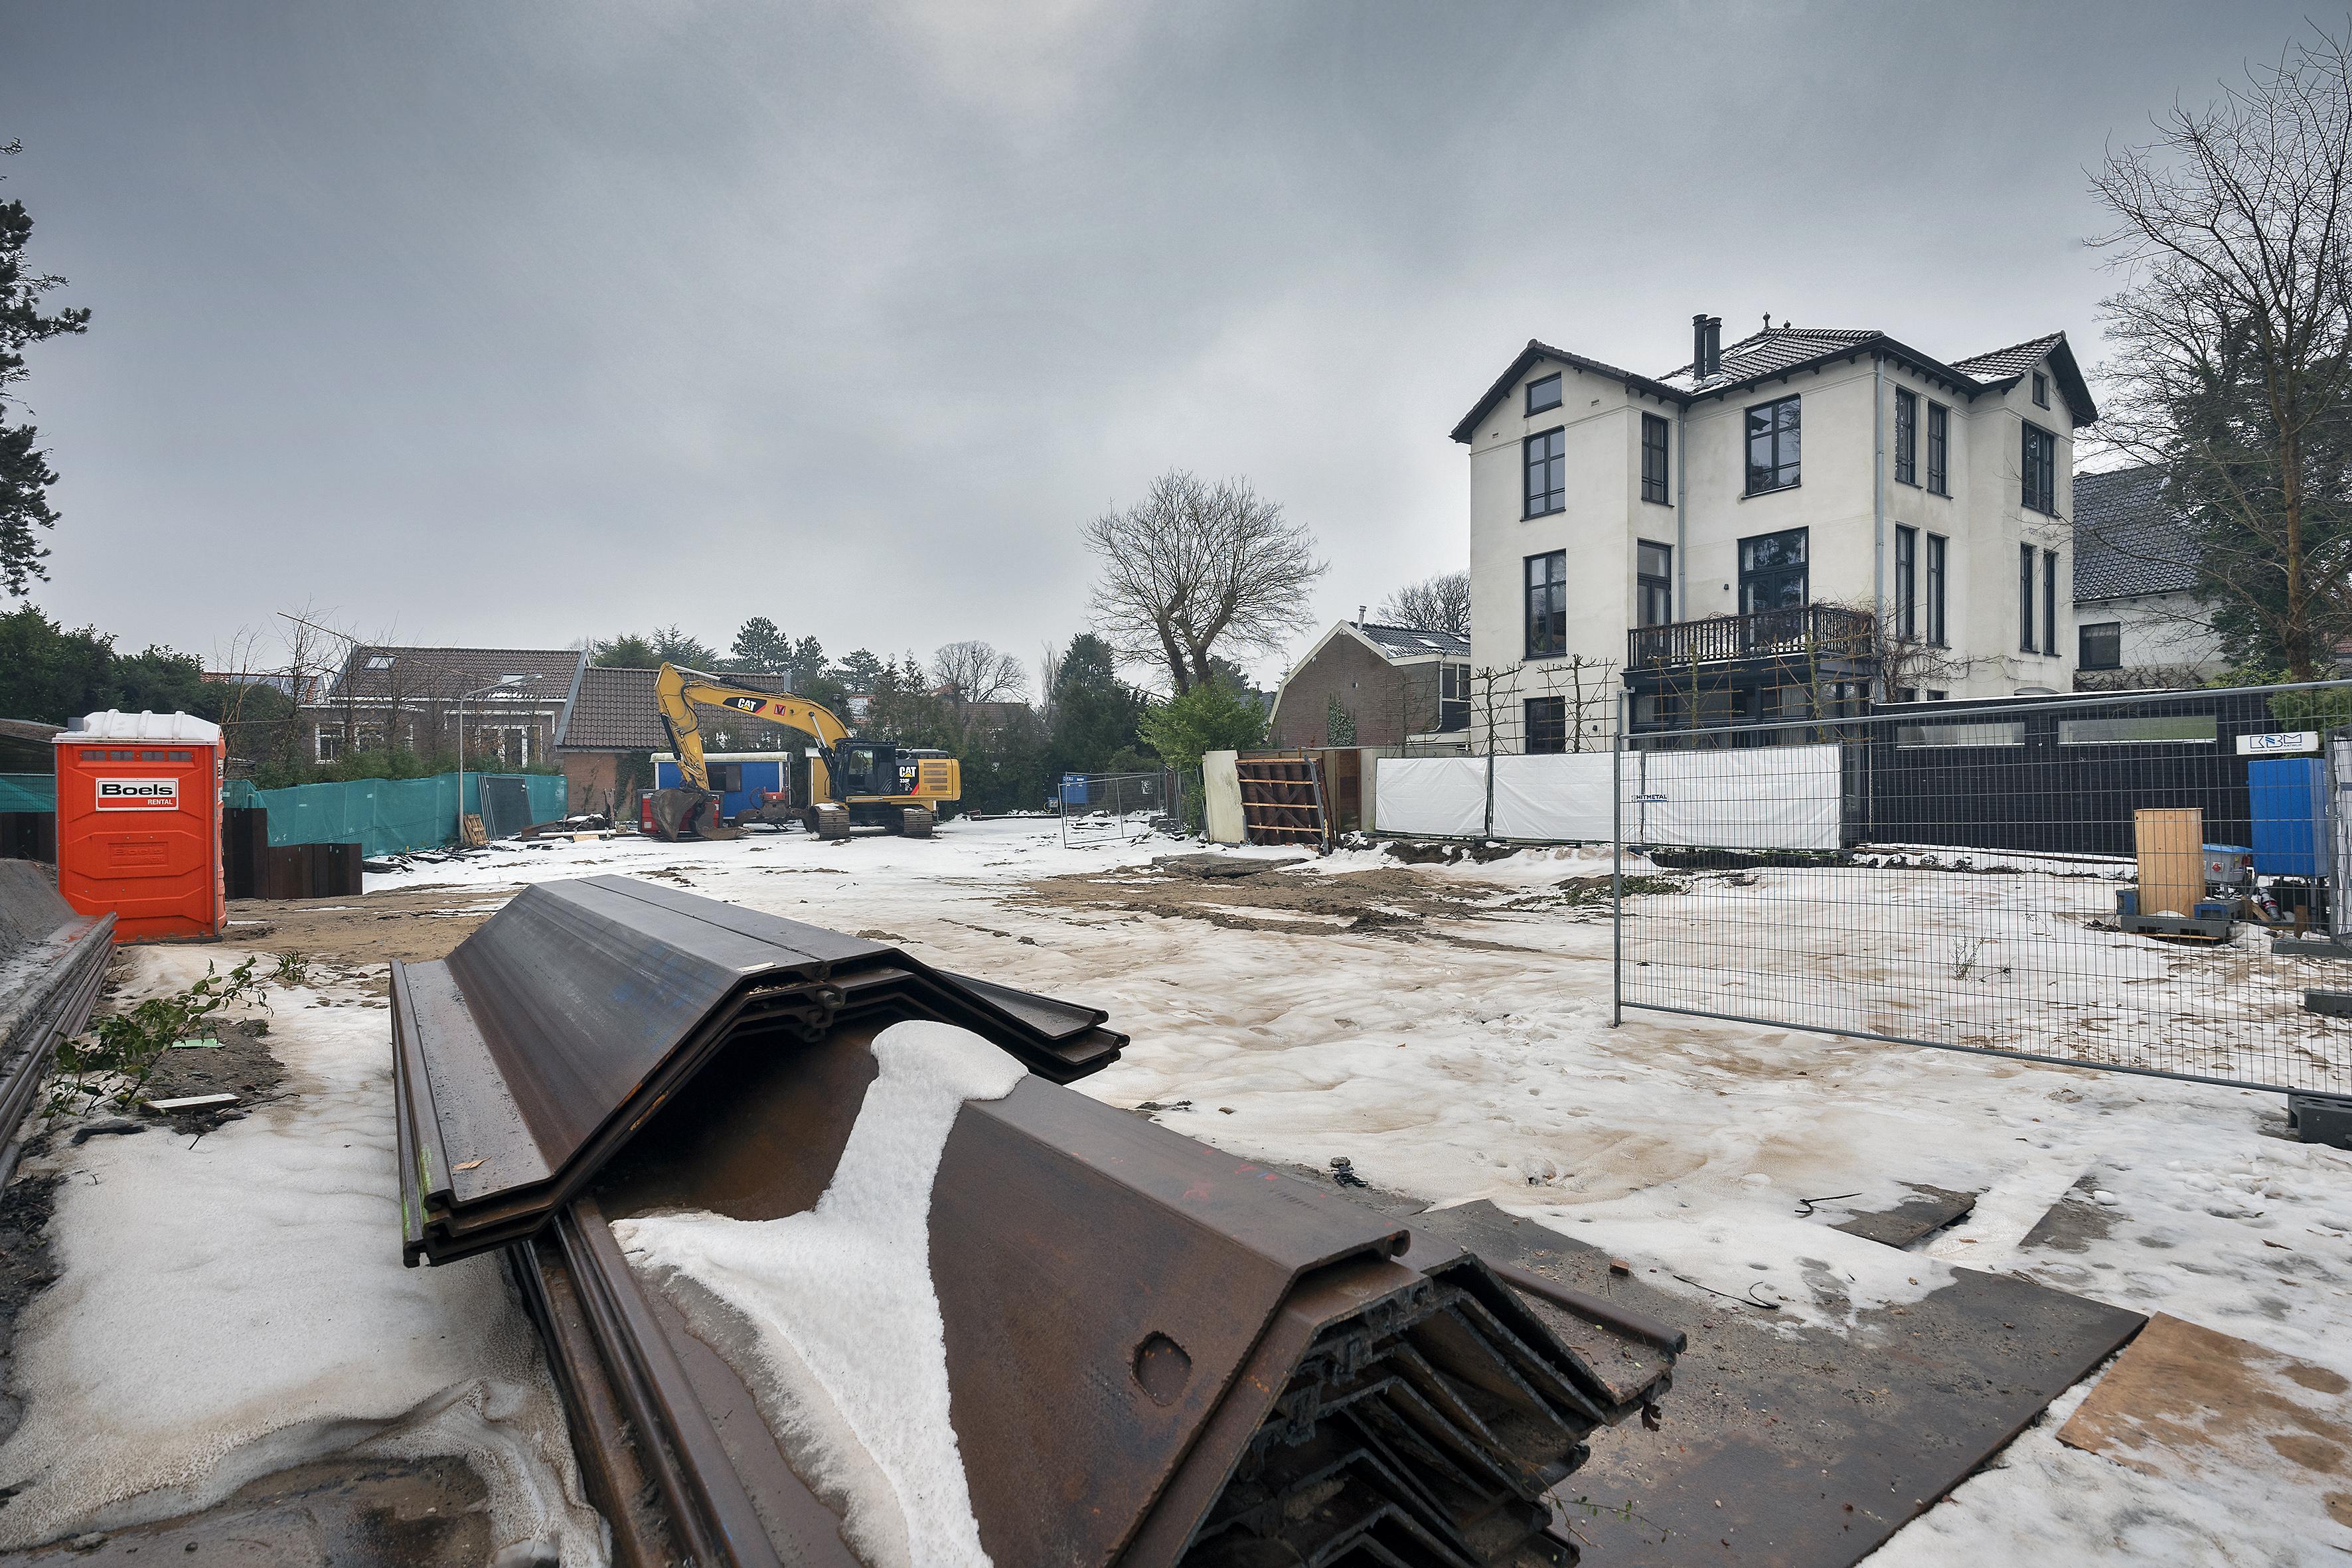 Bouwstop aan Potgieterweg in Bloemendaal opgeheven. Aannemer neemt maatregelen om schade aan omliggende woningen te voorkomen